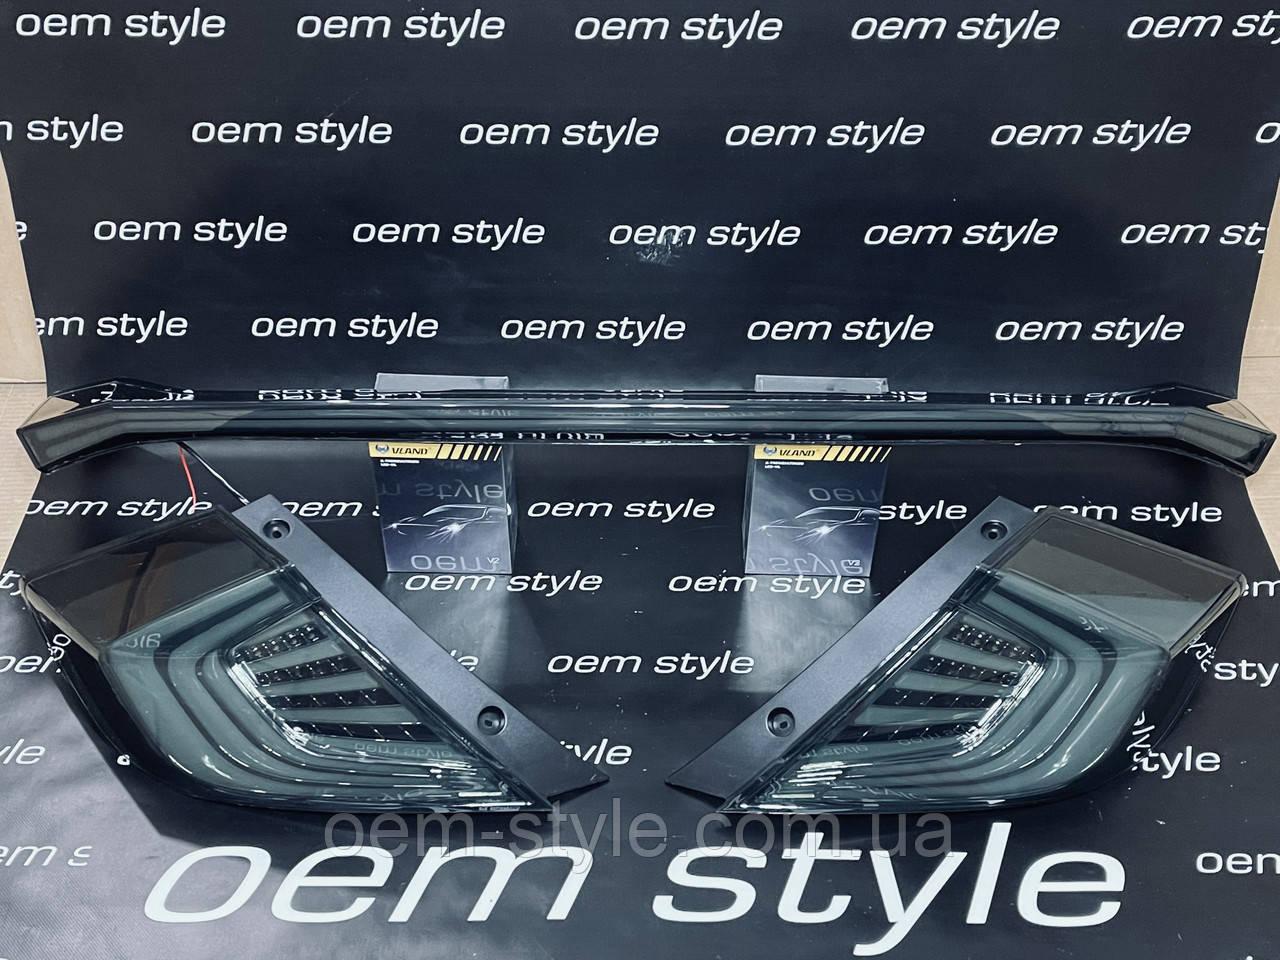 Фонари LED оптика Honda Civic 2016-2019